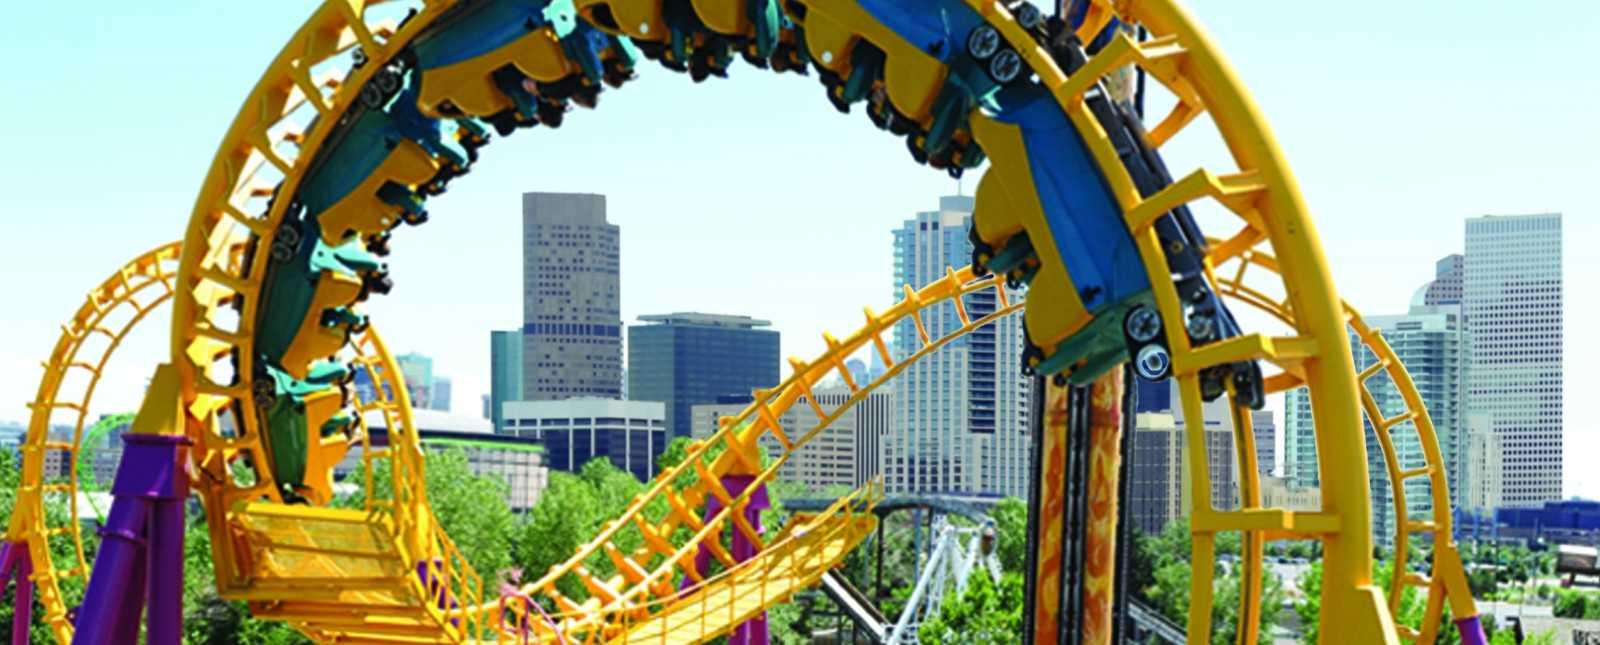 elitch-gardens-roller-coaster